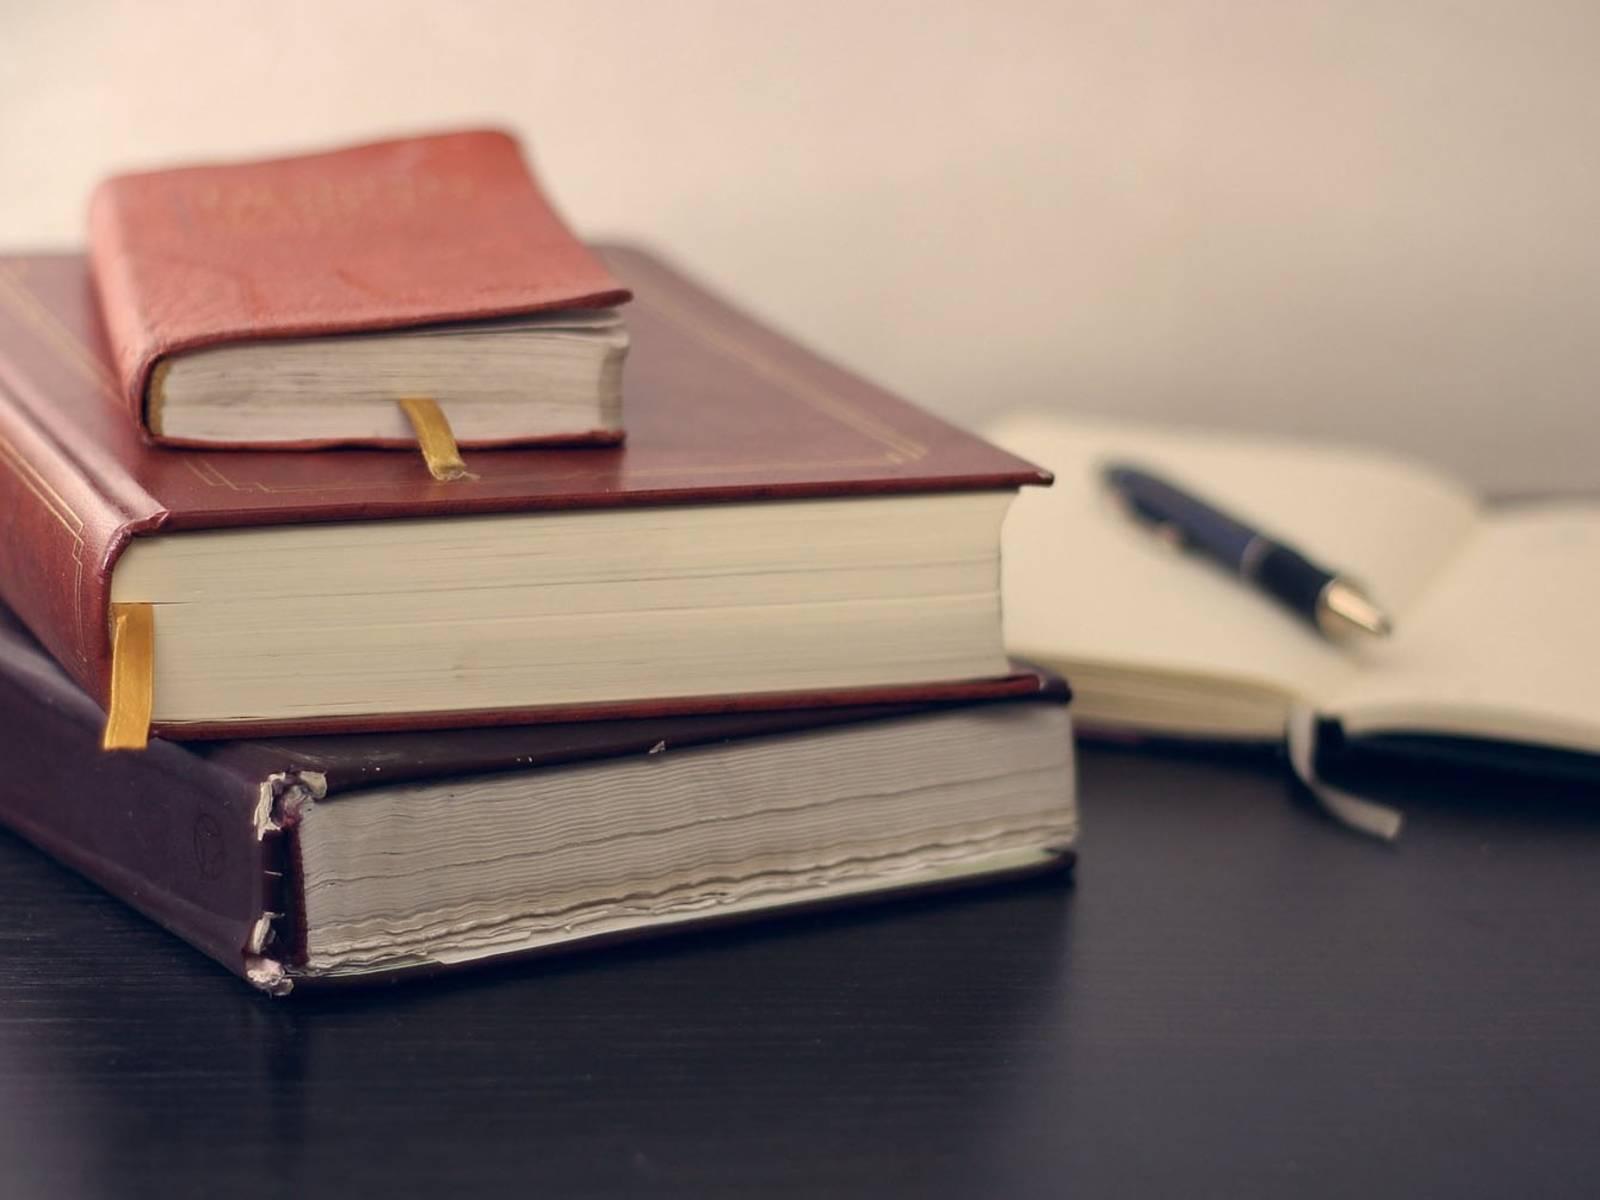 Ein Stapel Bücher und ein Notizblock mit Stift.